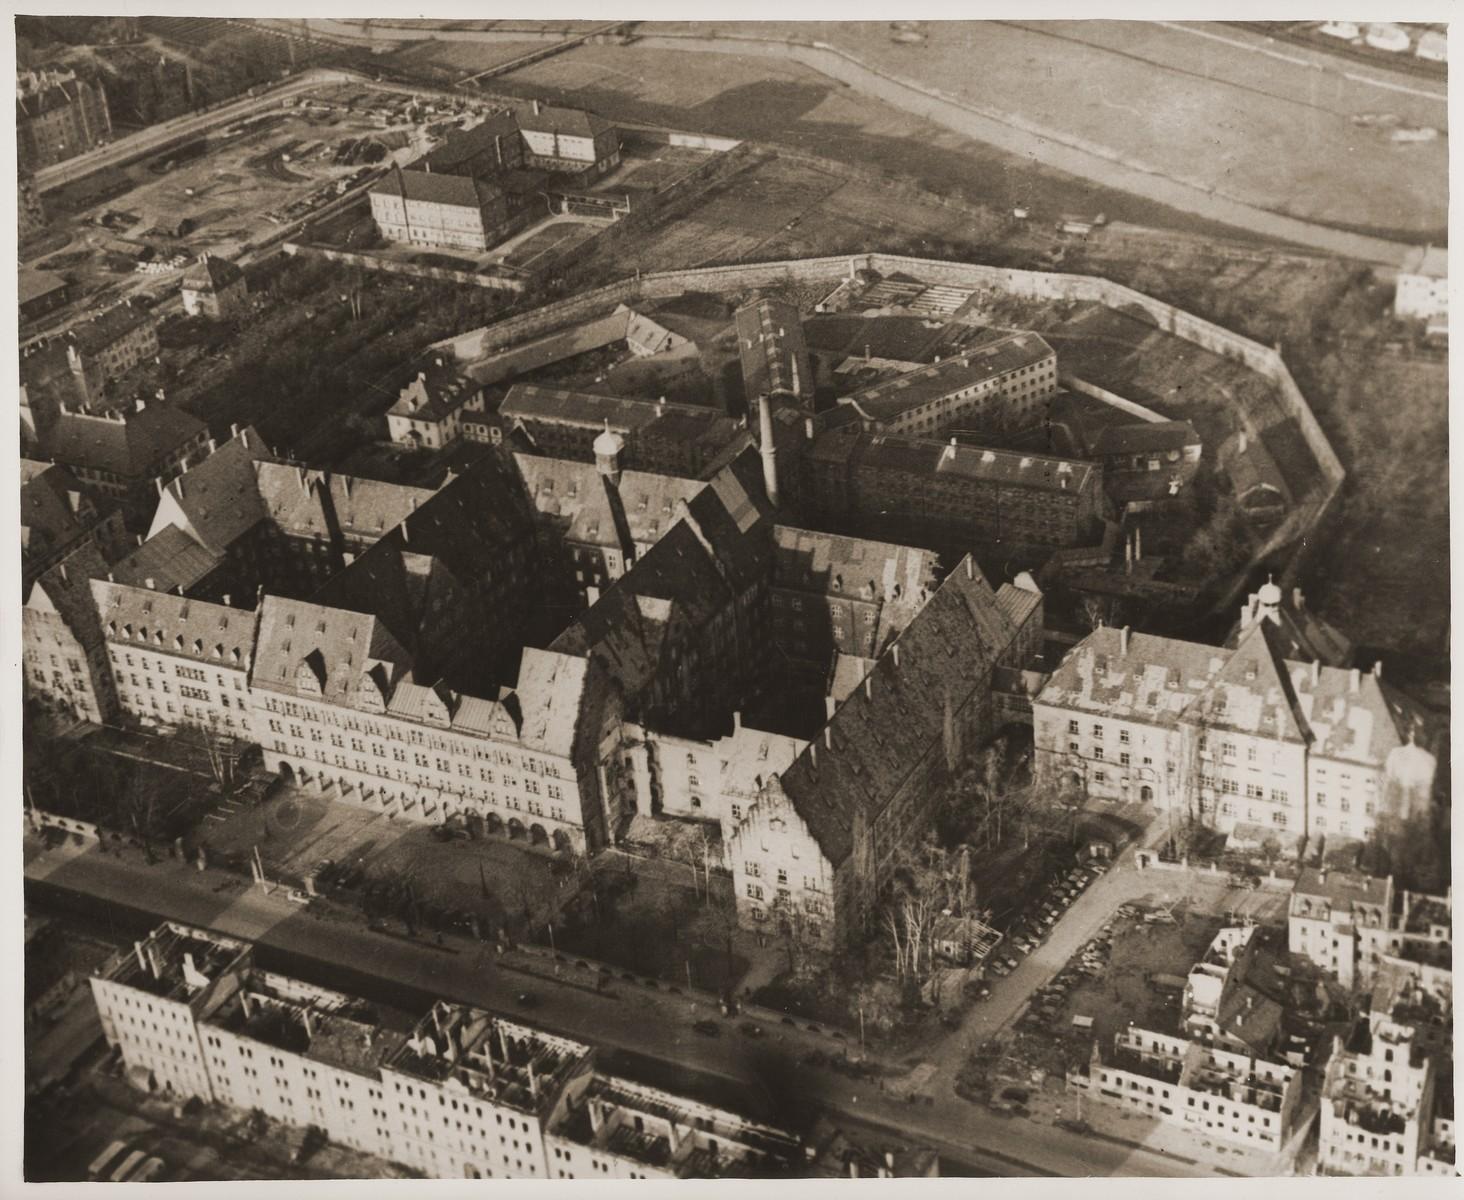 Luftbild - Fürther Str Nürnberg - Justitzgebäude - 1945.jpg